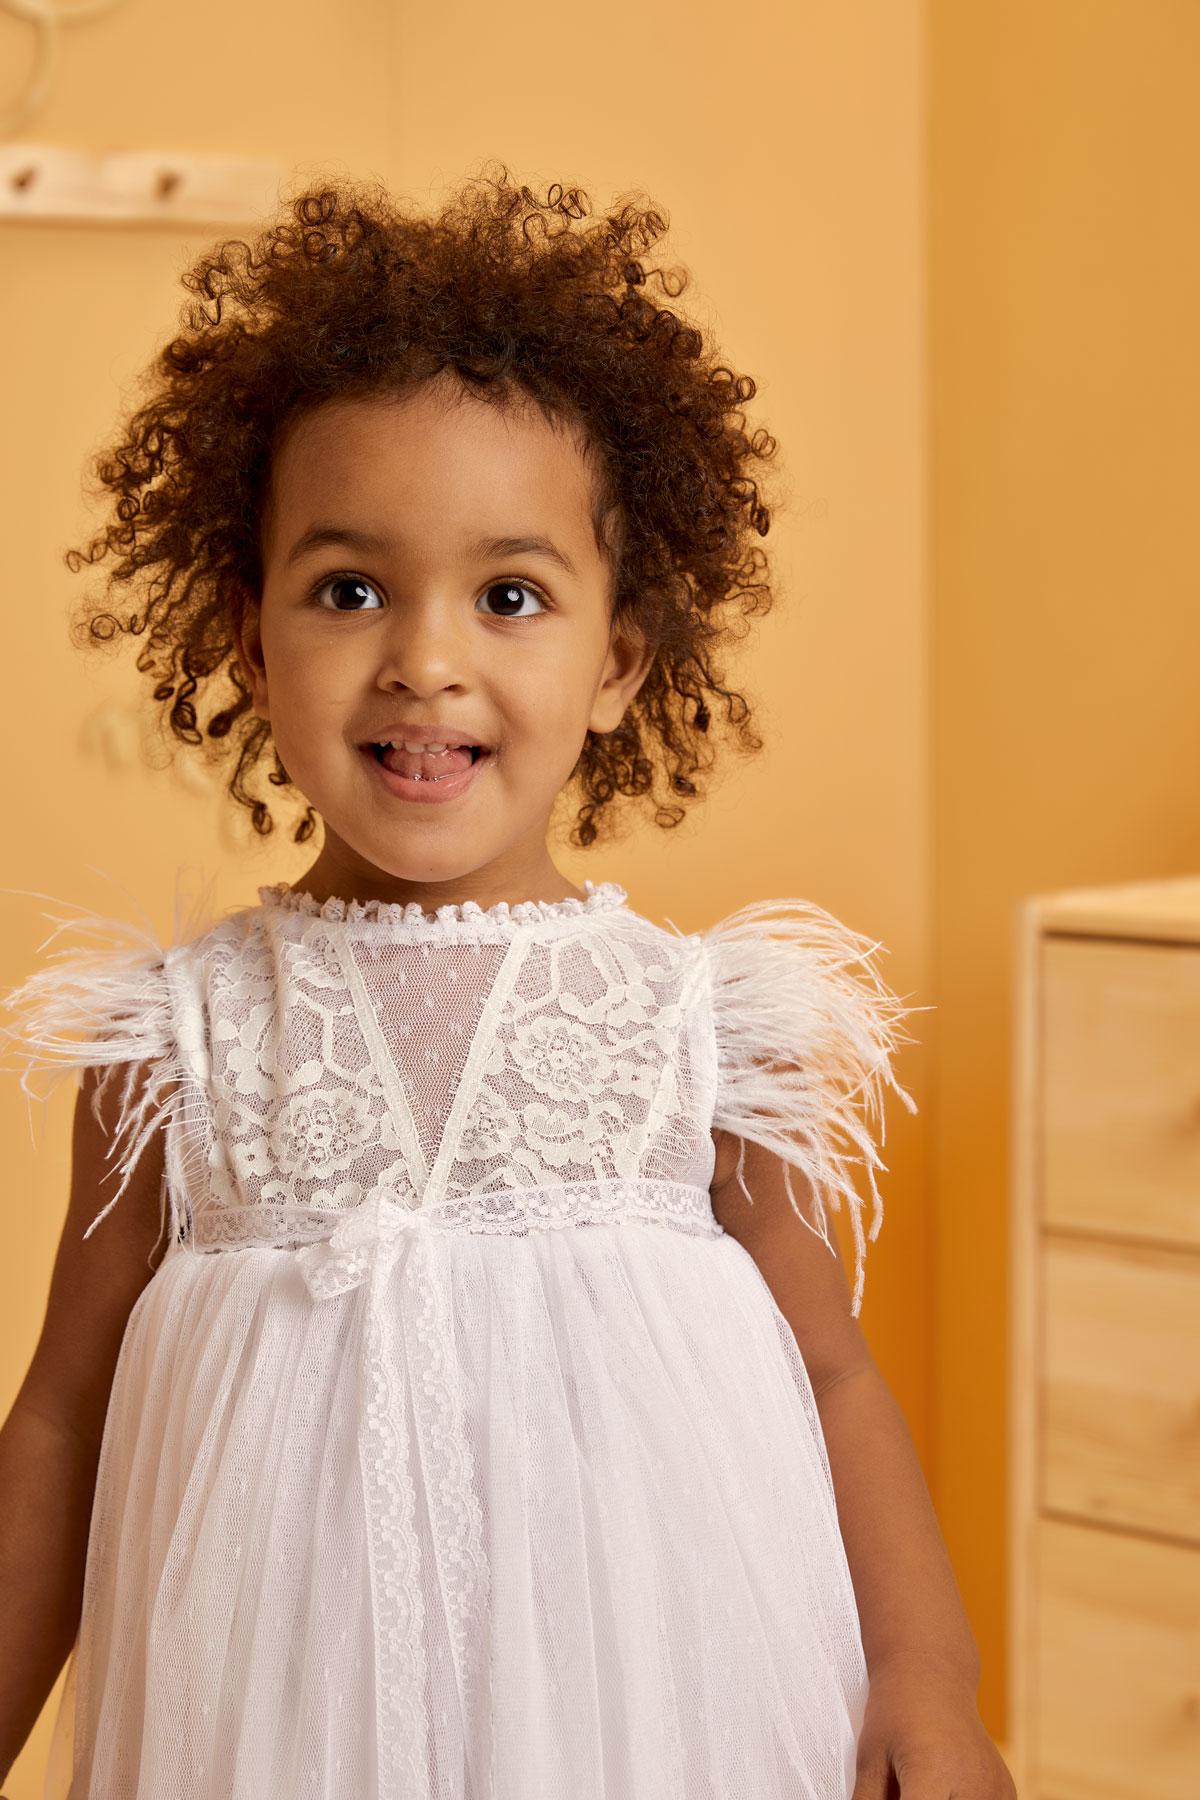 Βαπτιστικό φόρεμα λευκό με στρουθοκάμηλο και τούλινο βολάν